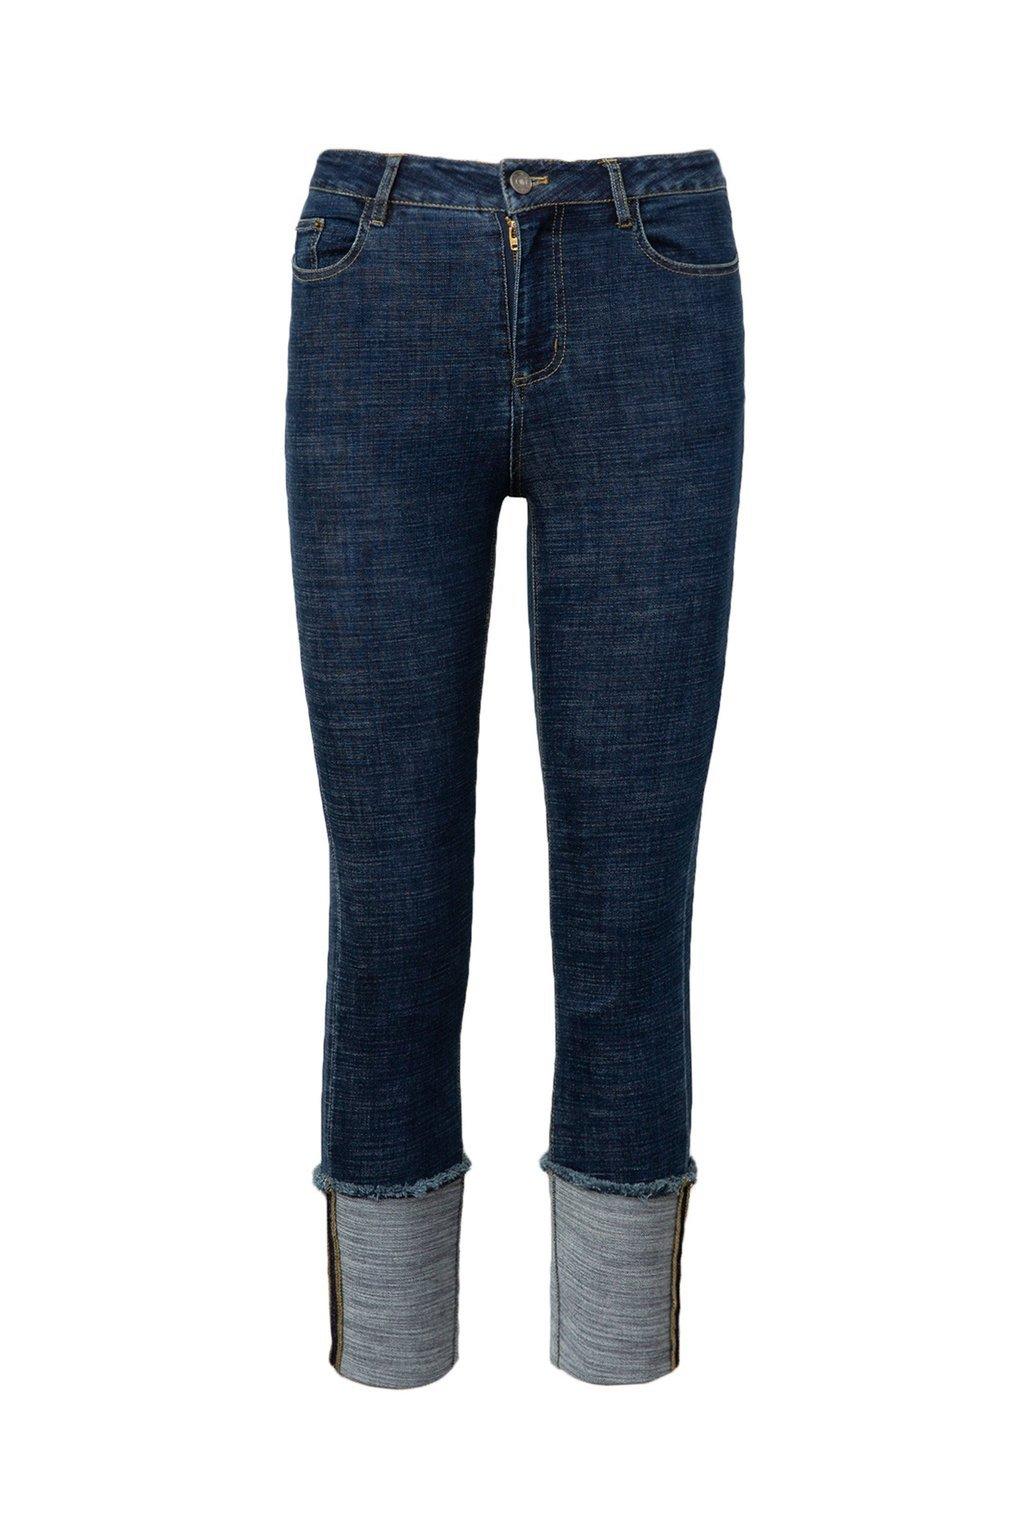 Cheyenne Pants